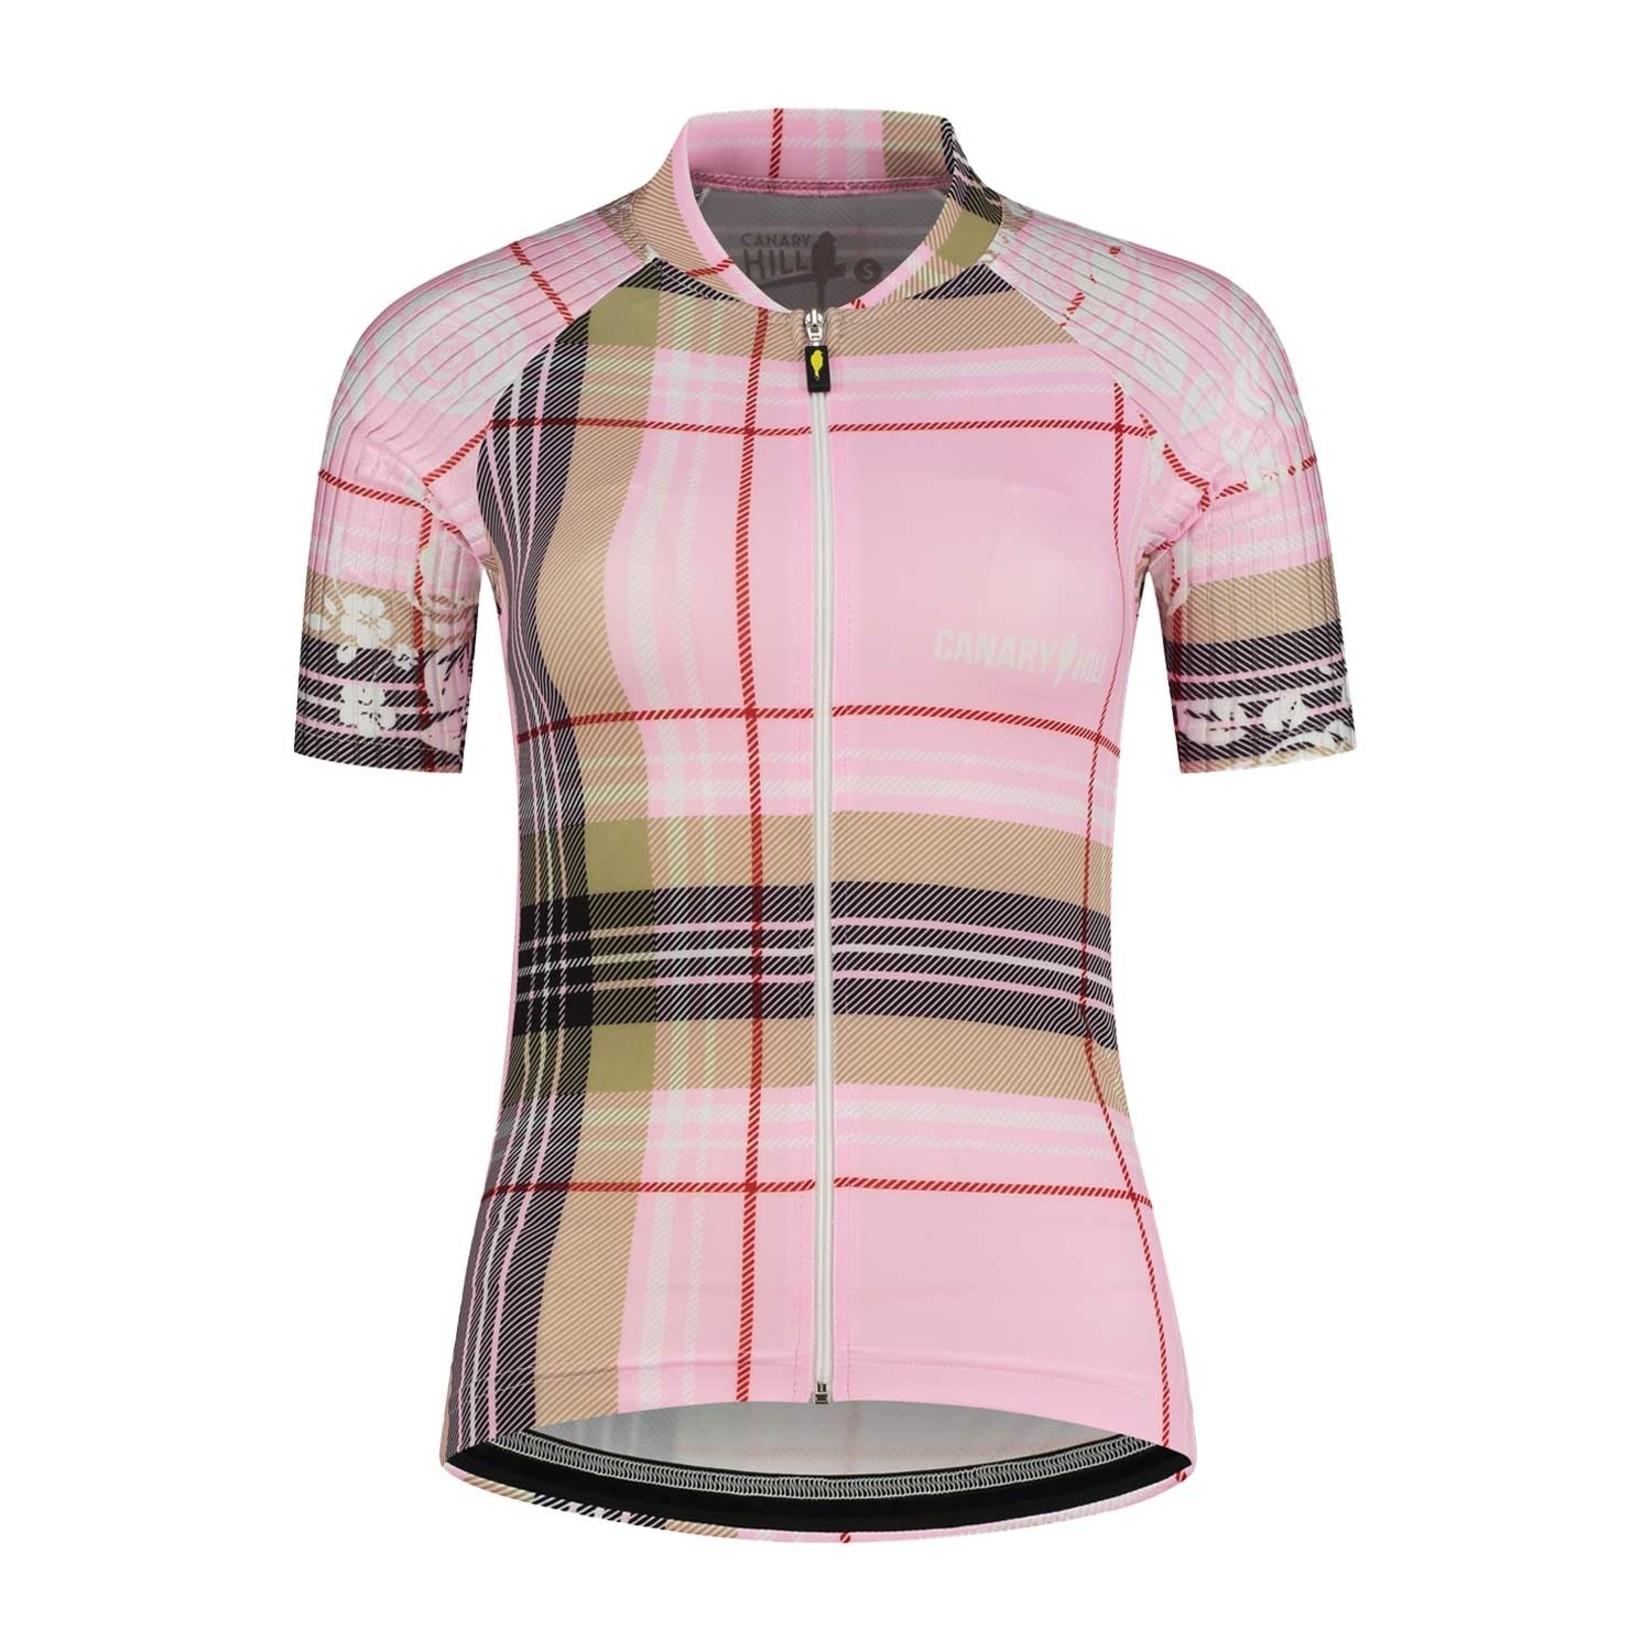 Canary Hill 'Tarten' Shirt